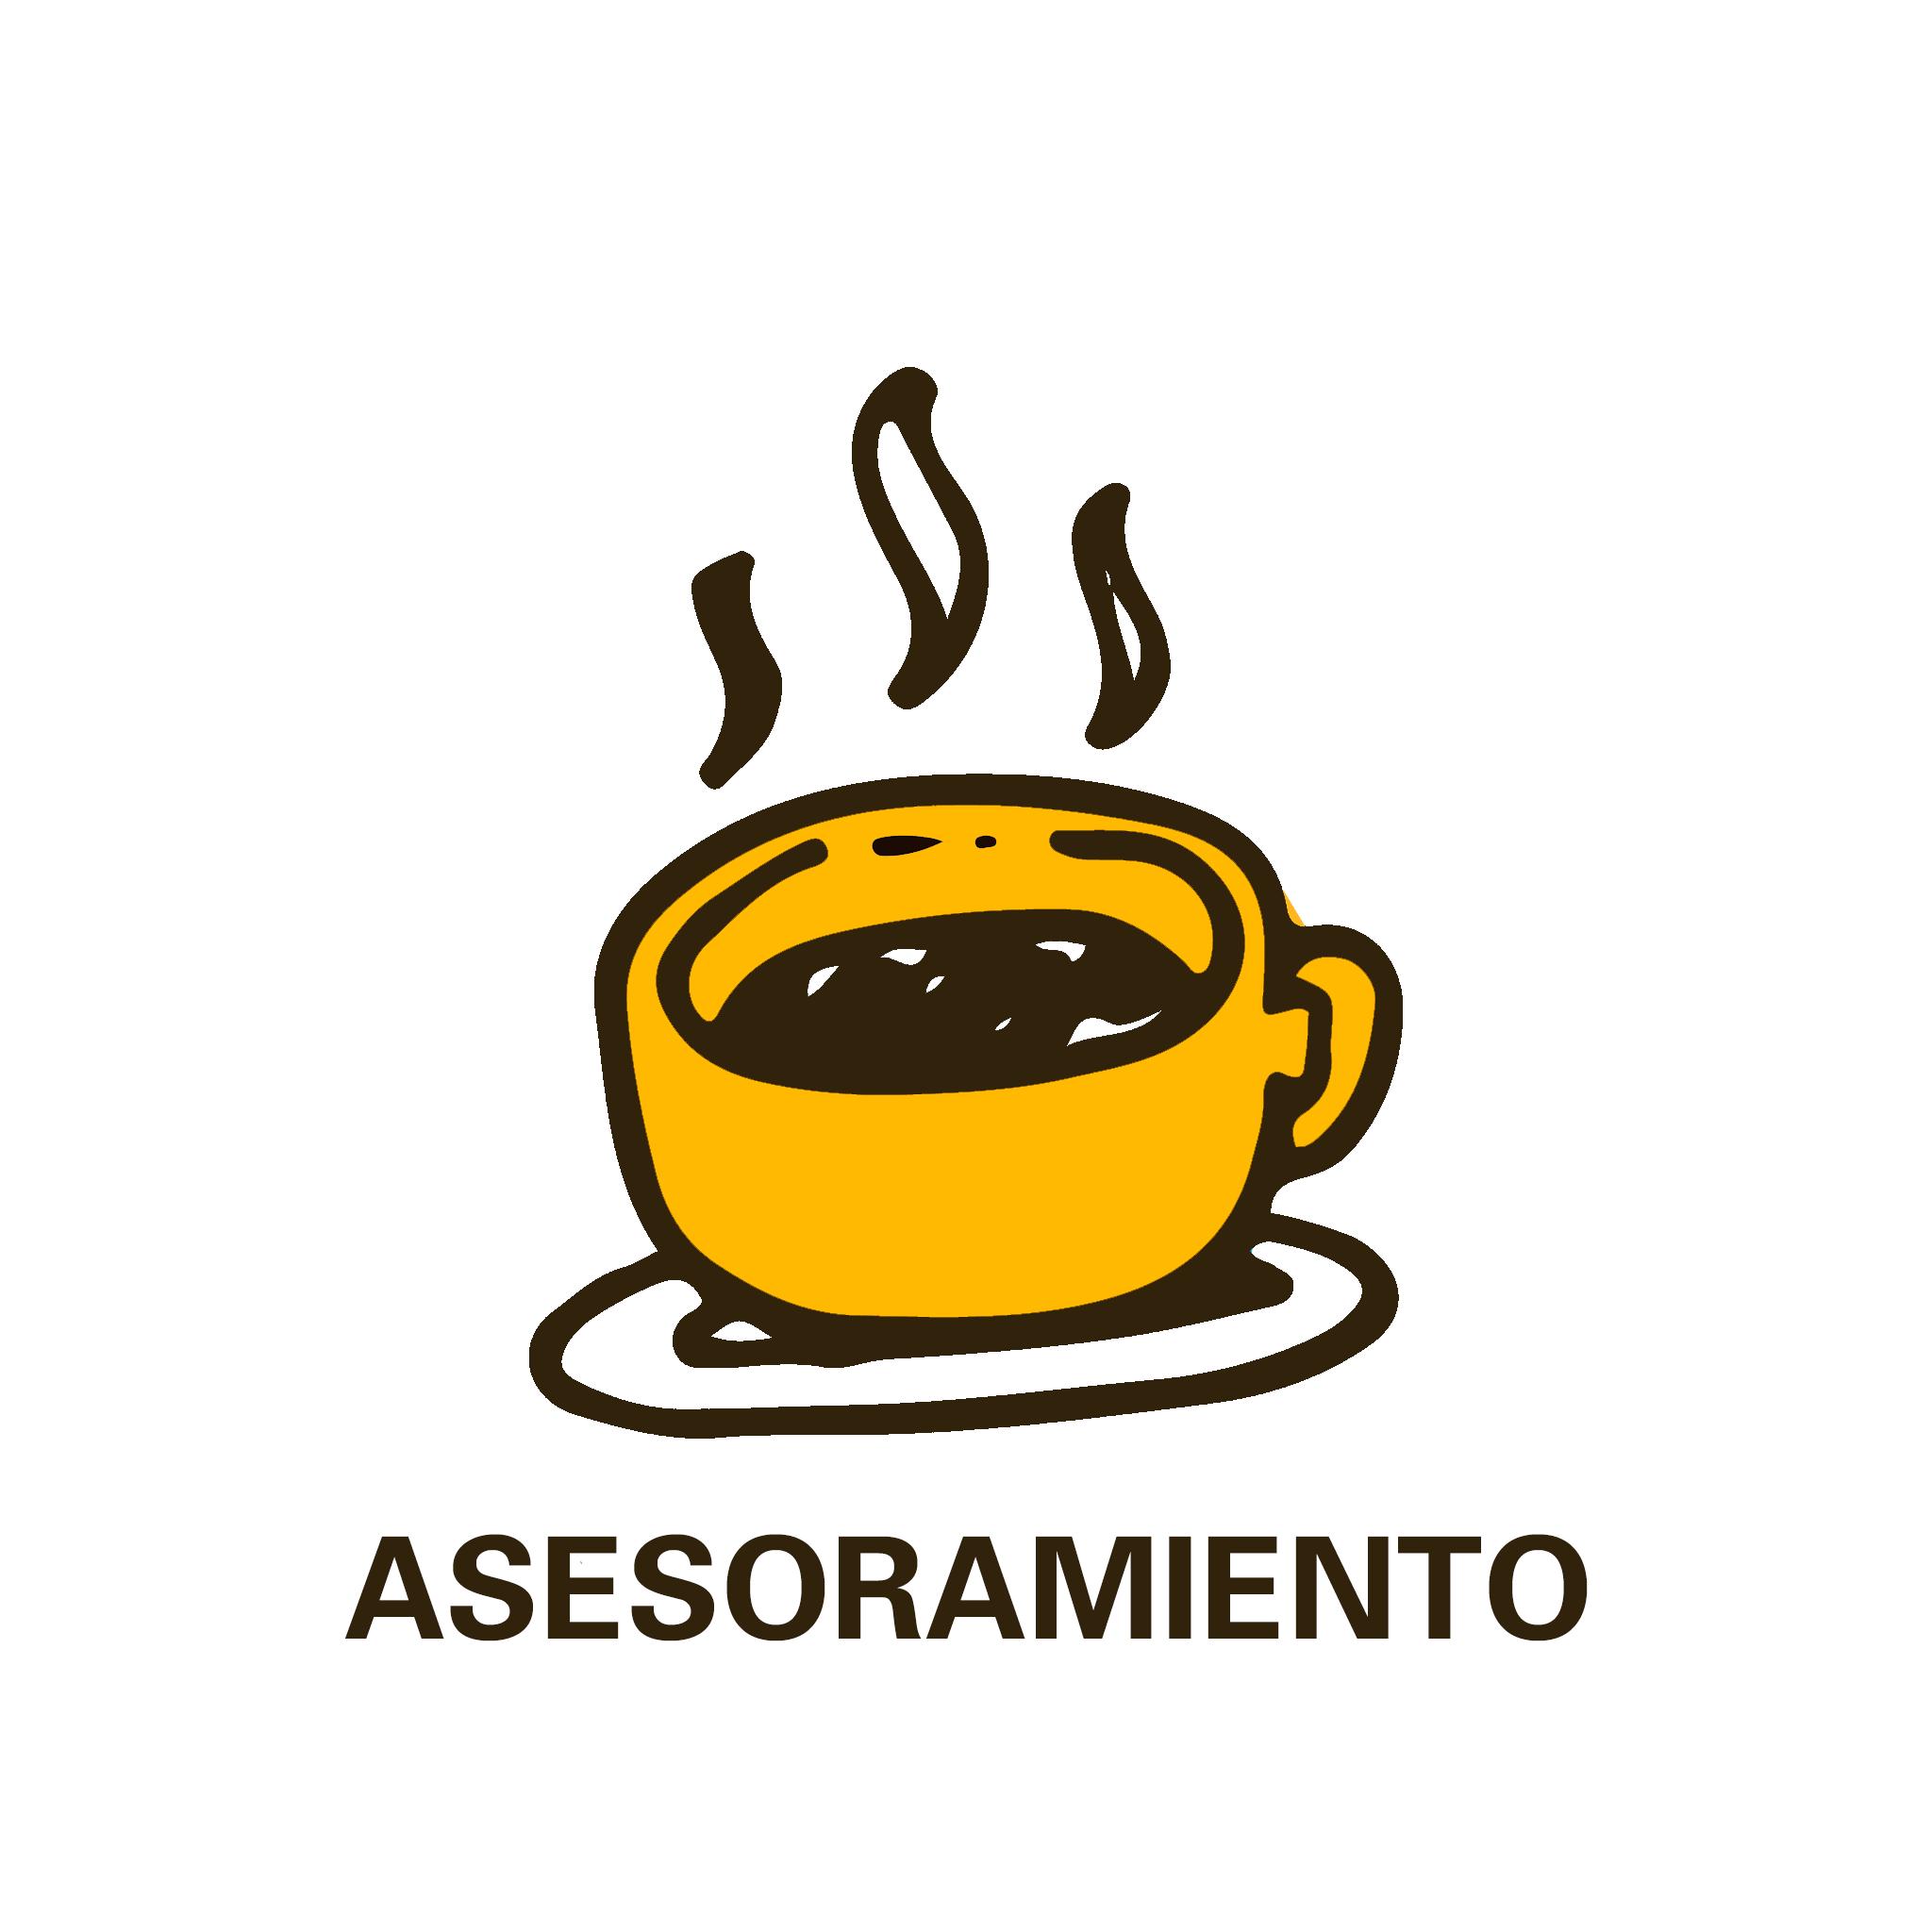 café caliente con la palabra asesoramiento